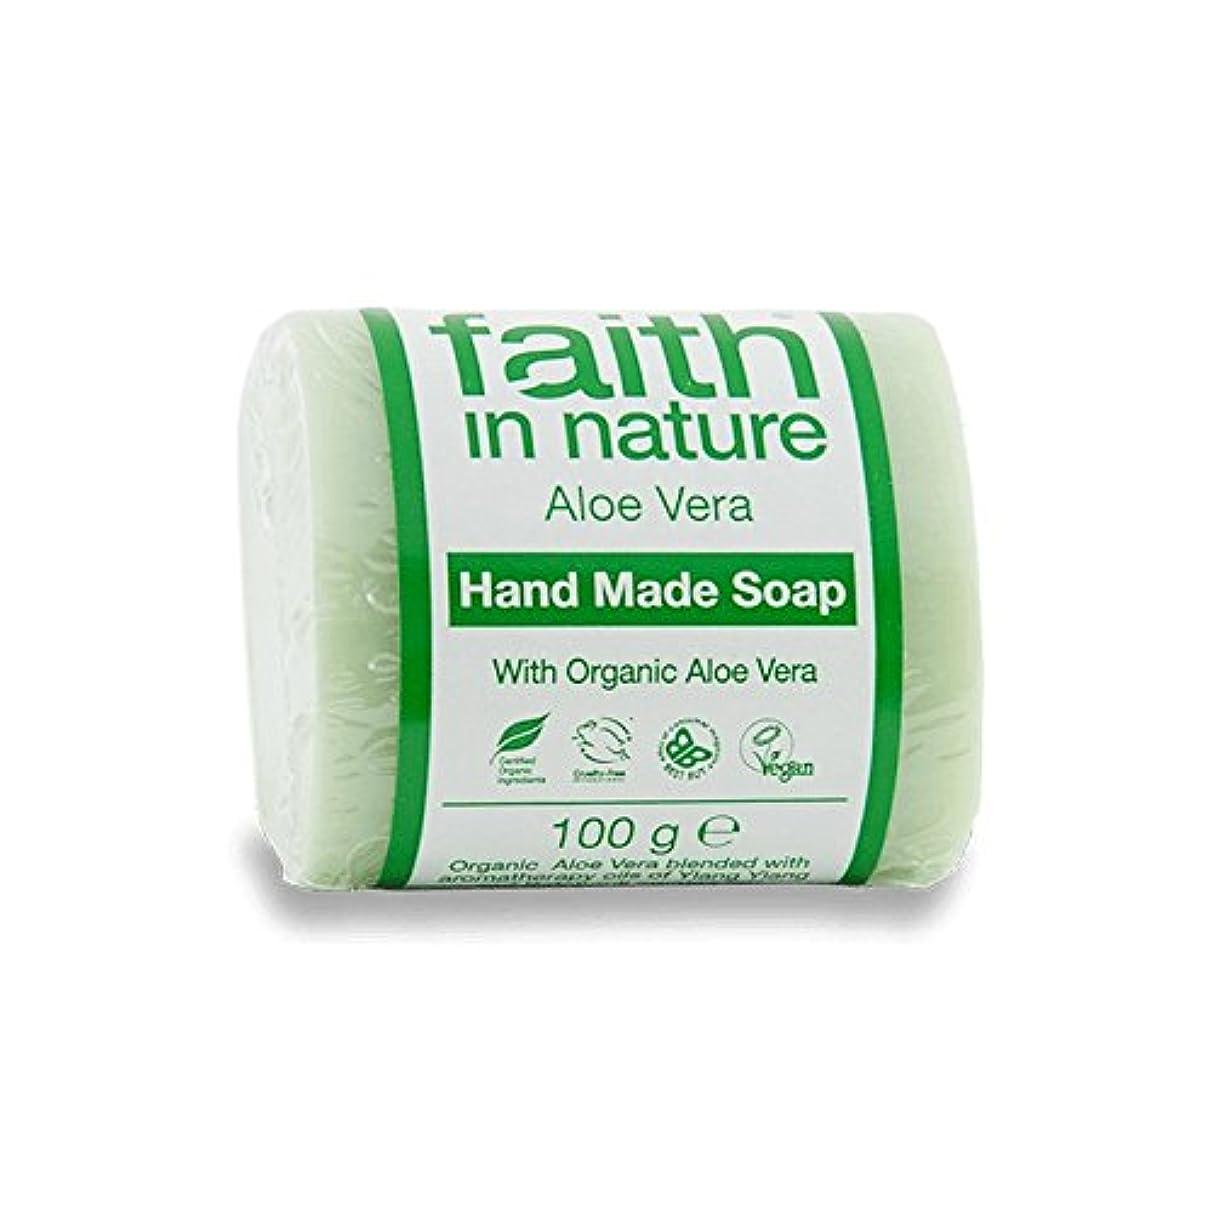 土地恐怖症複数Faith in Nature Aloe Vera with Ylang Ylang Soap 100g (Pack of 2) - イランイランソープ100グラムと自然のアロエベラの信仰 (x2) [並行輸入品]